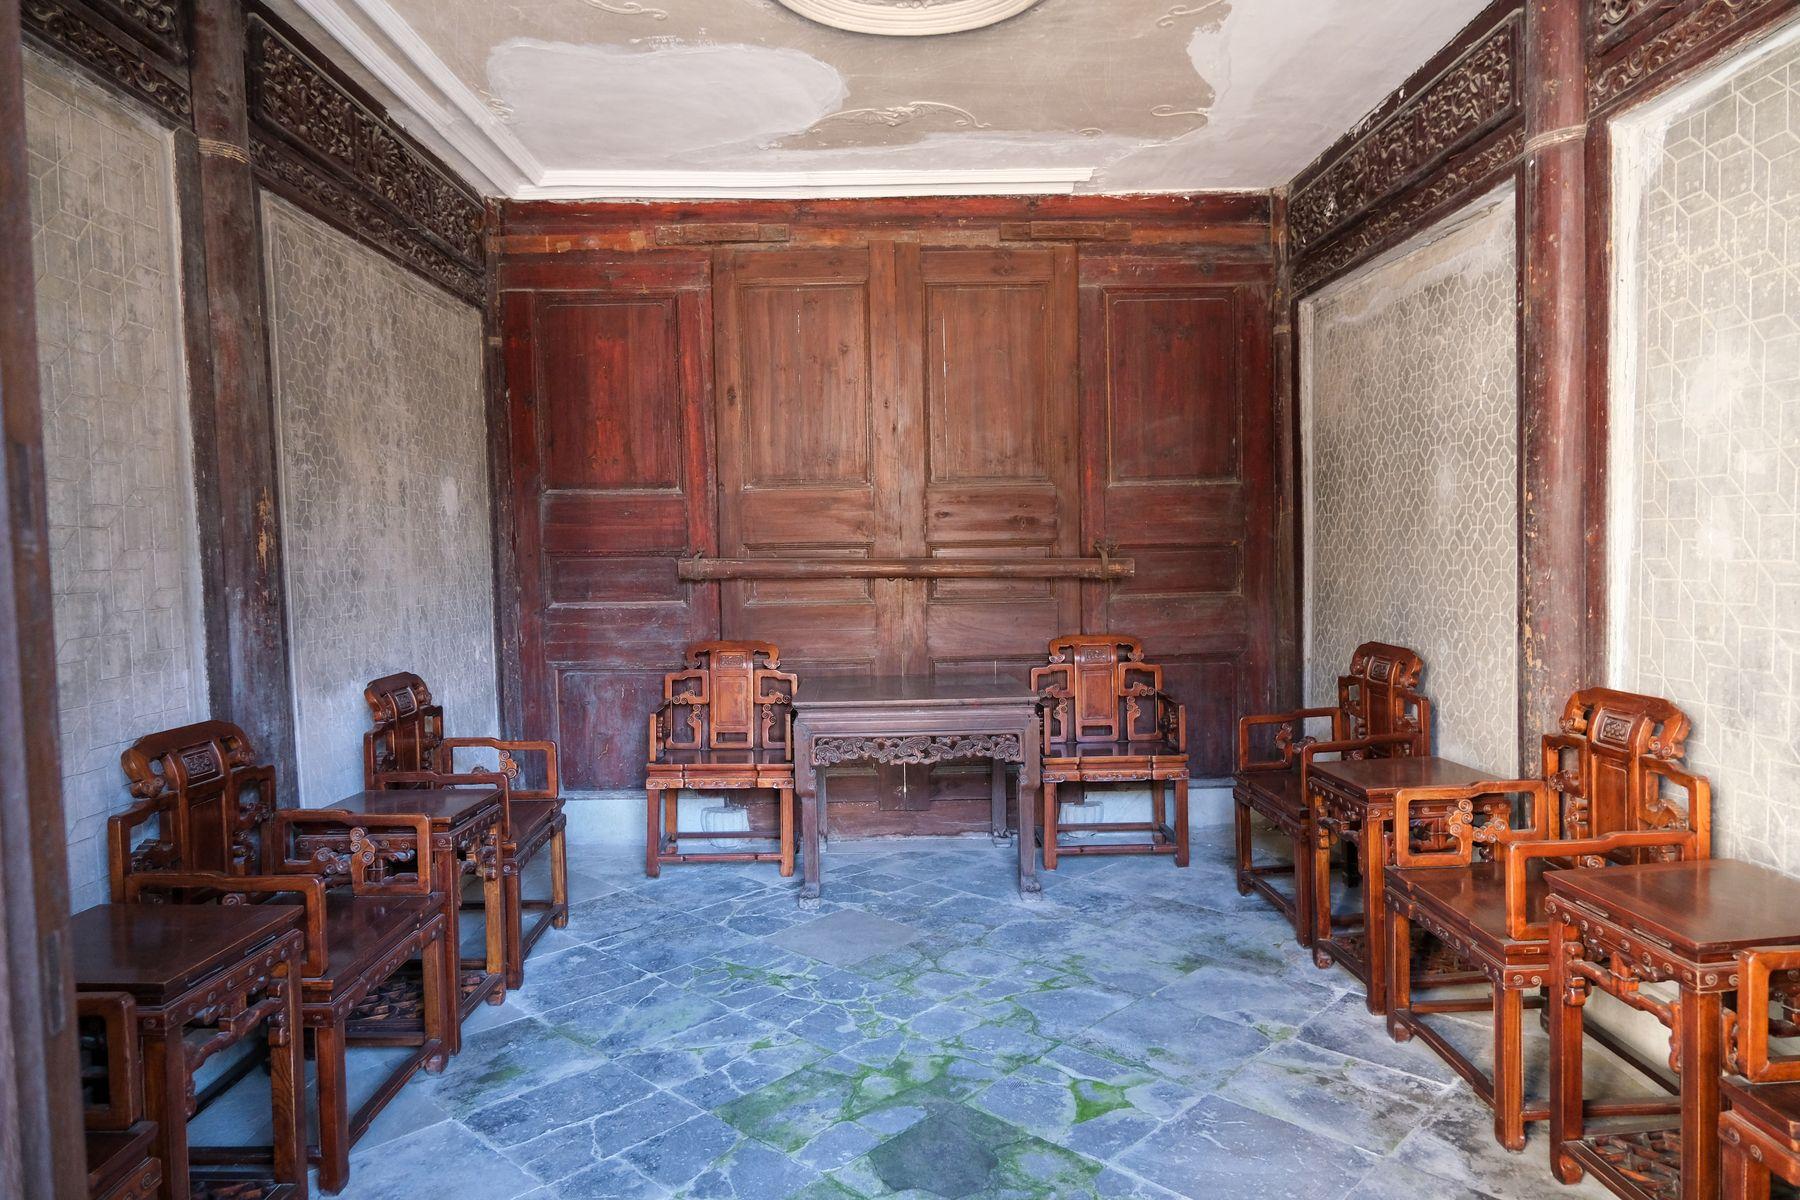 清朝、民国传统风格的客厅照片素材(高清照片,免费商用授权)